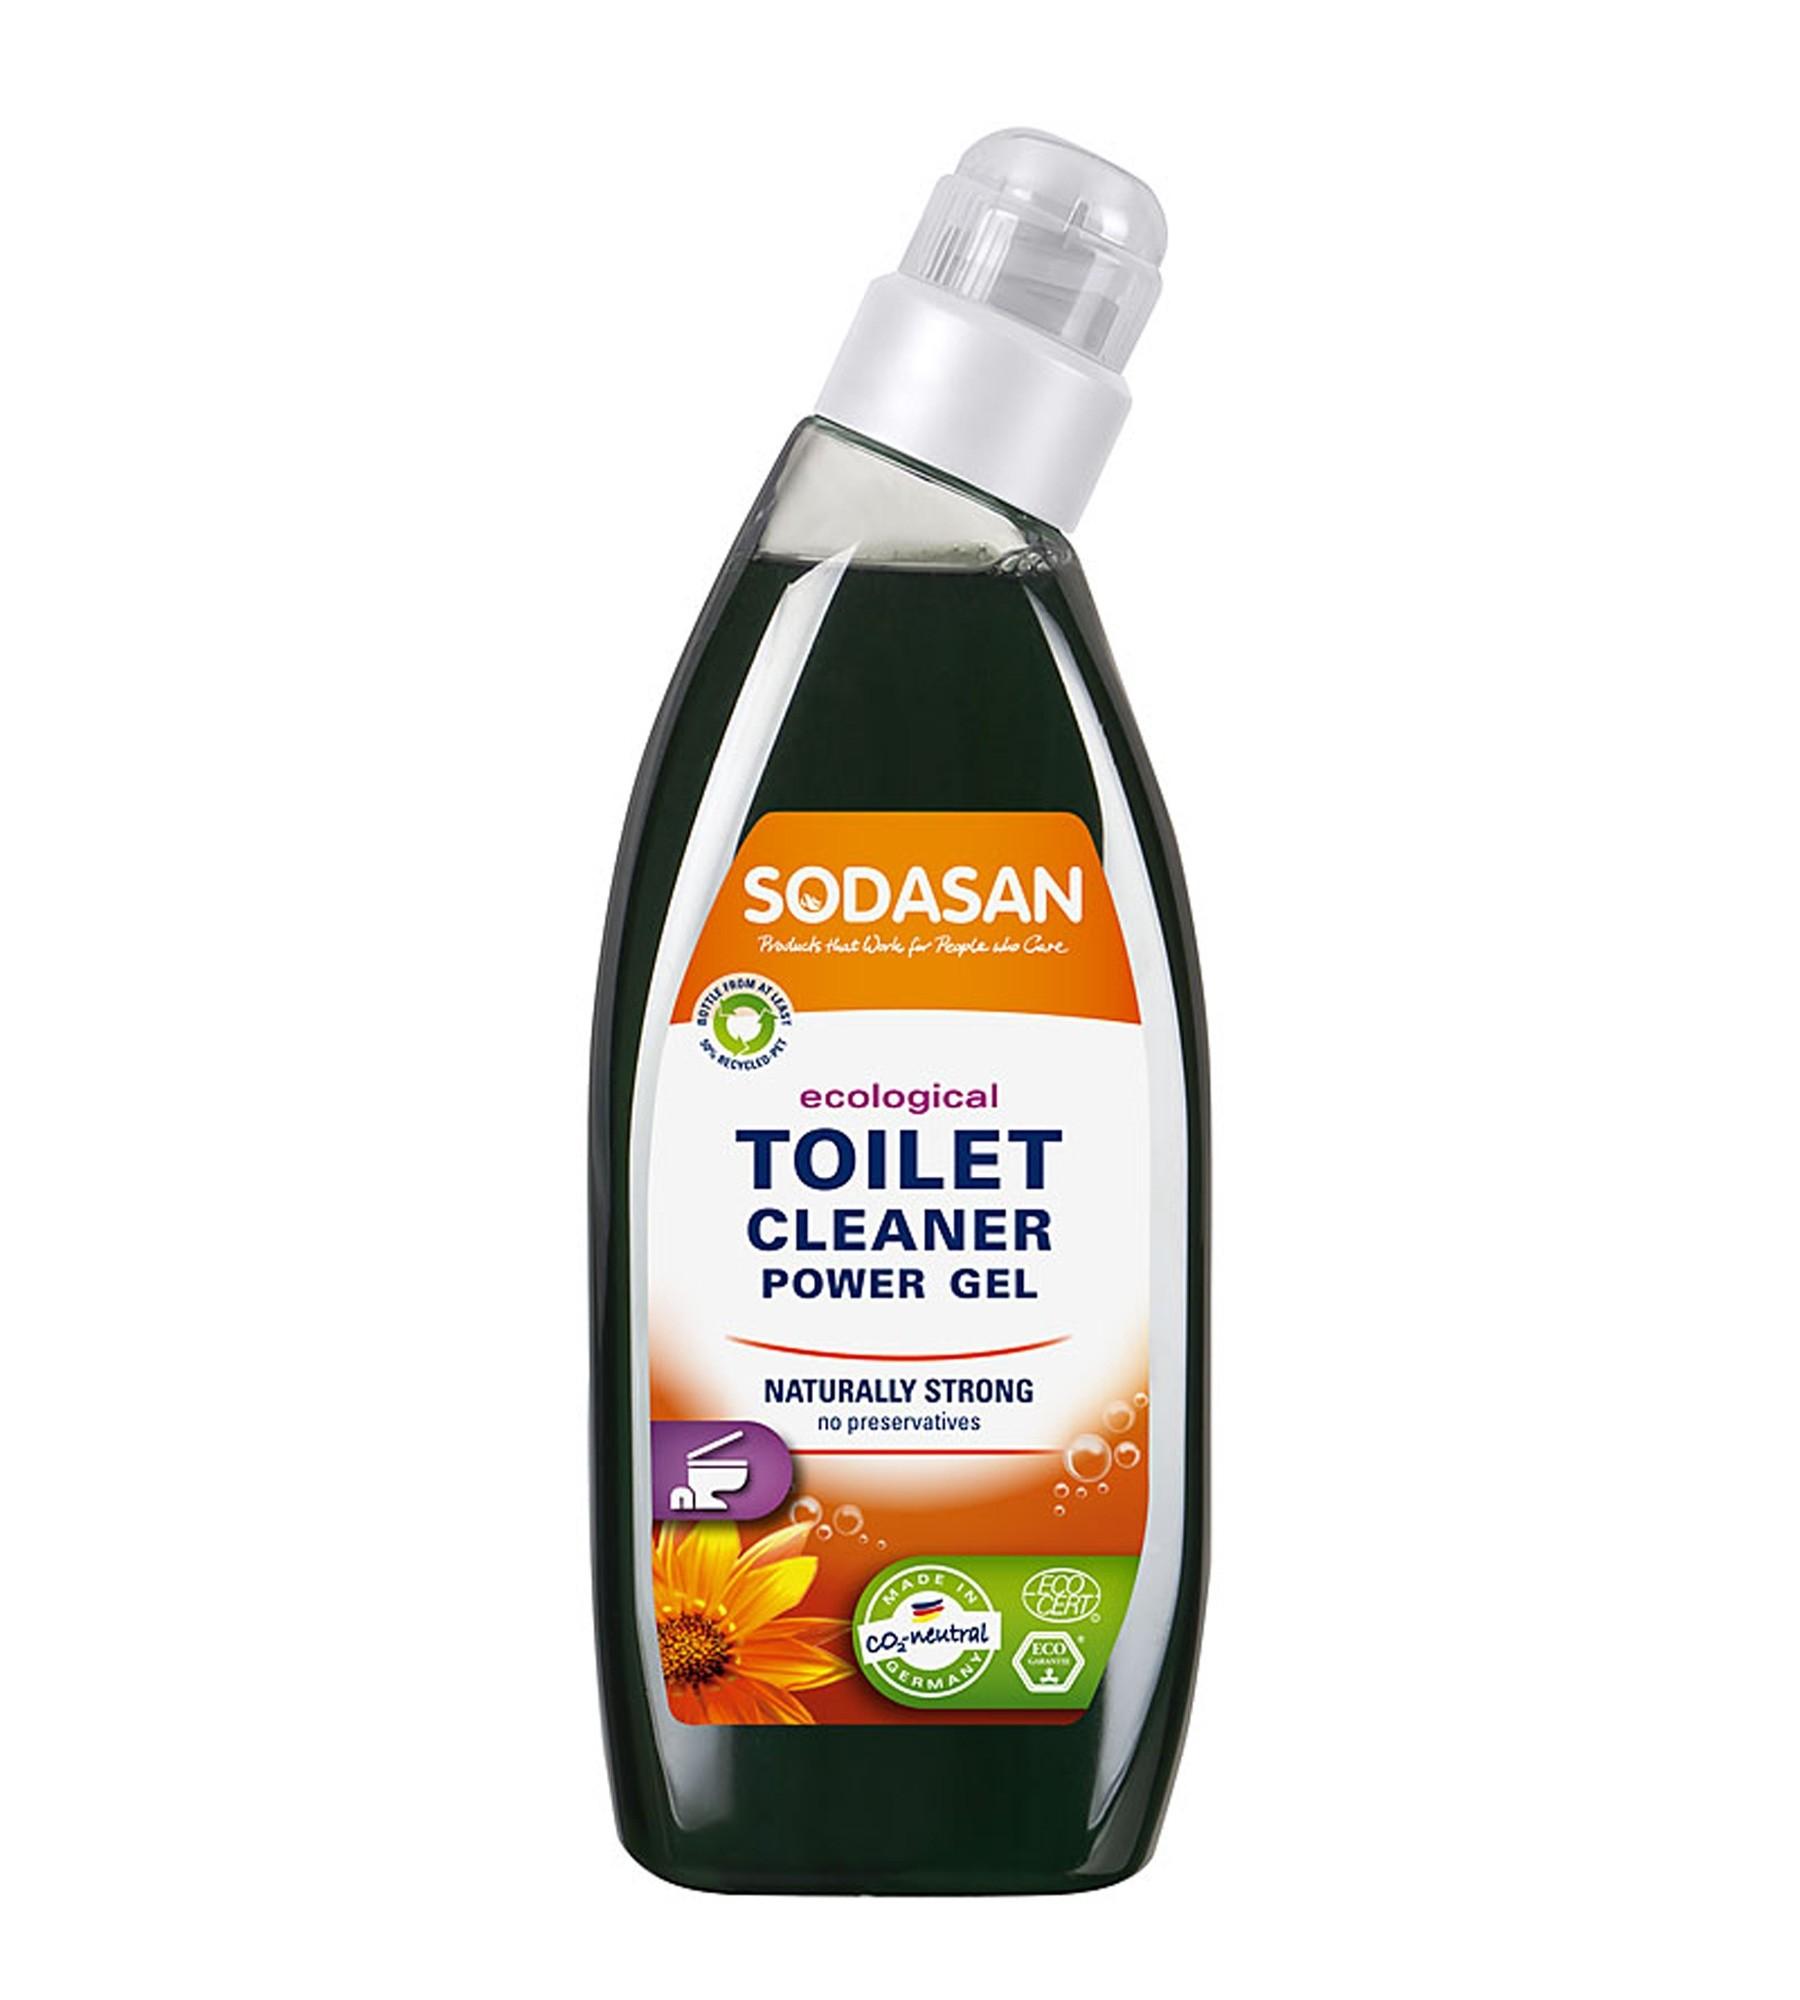 Sodasan Toilet Cleaner Power Gel